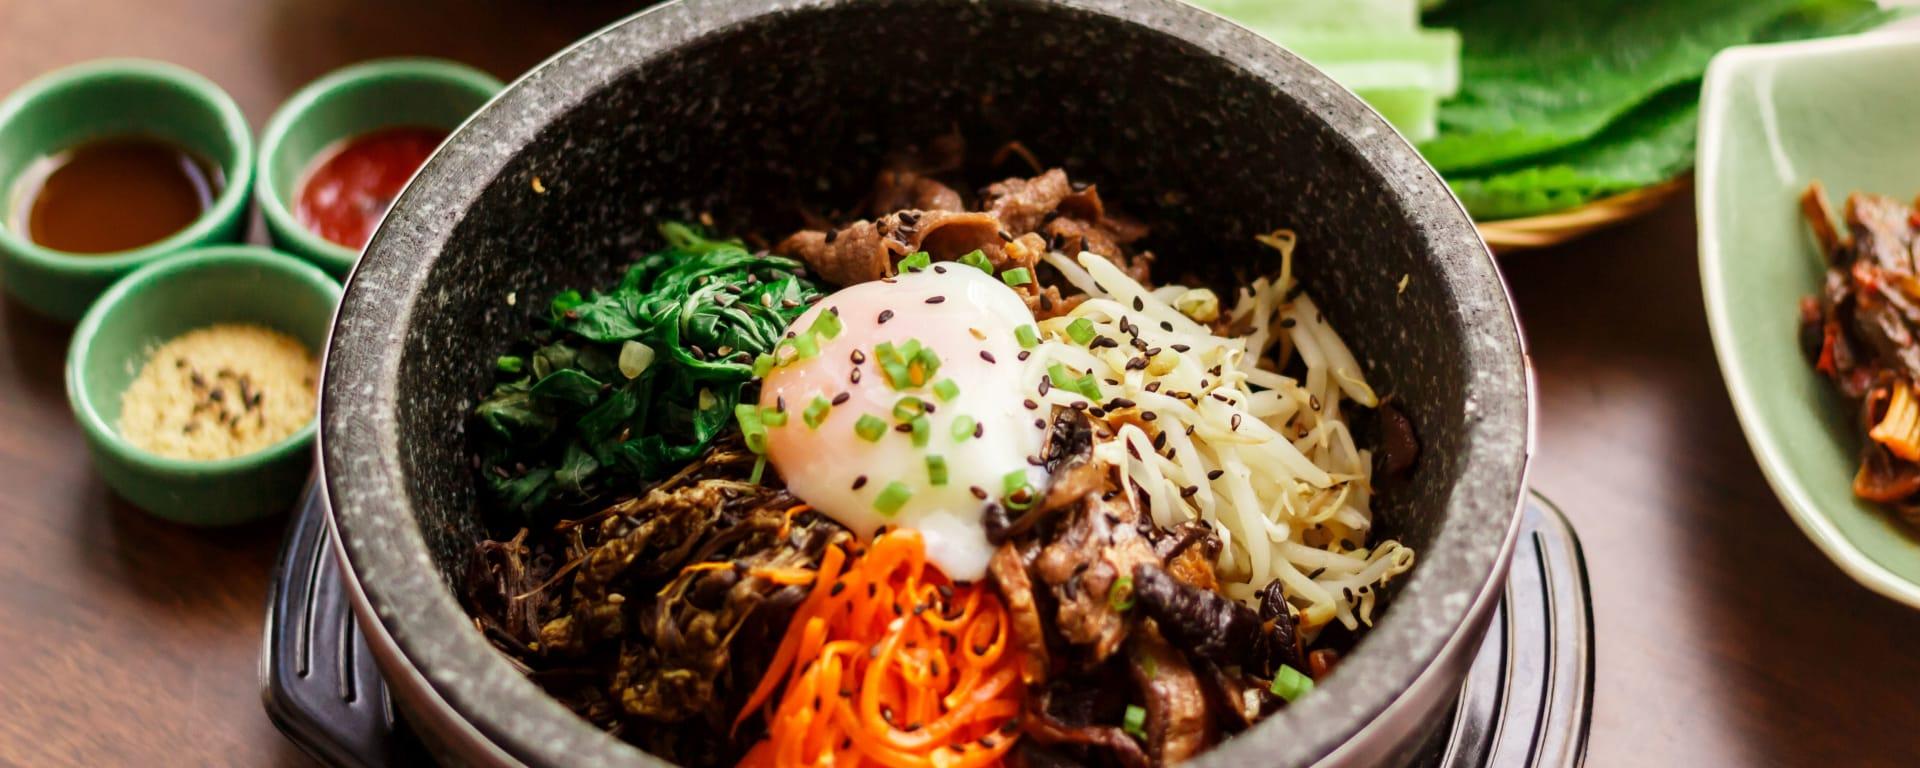 Südkorea entdecken mit Tischler Reisen: Korea traditionelles Essen